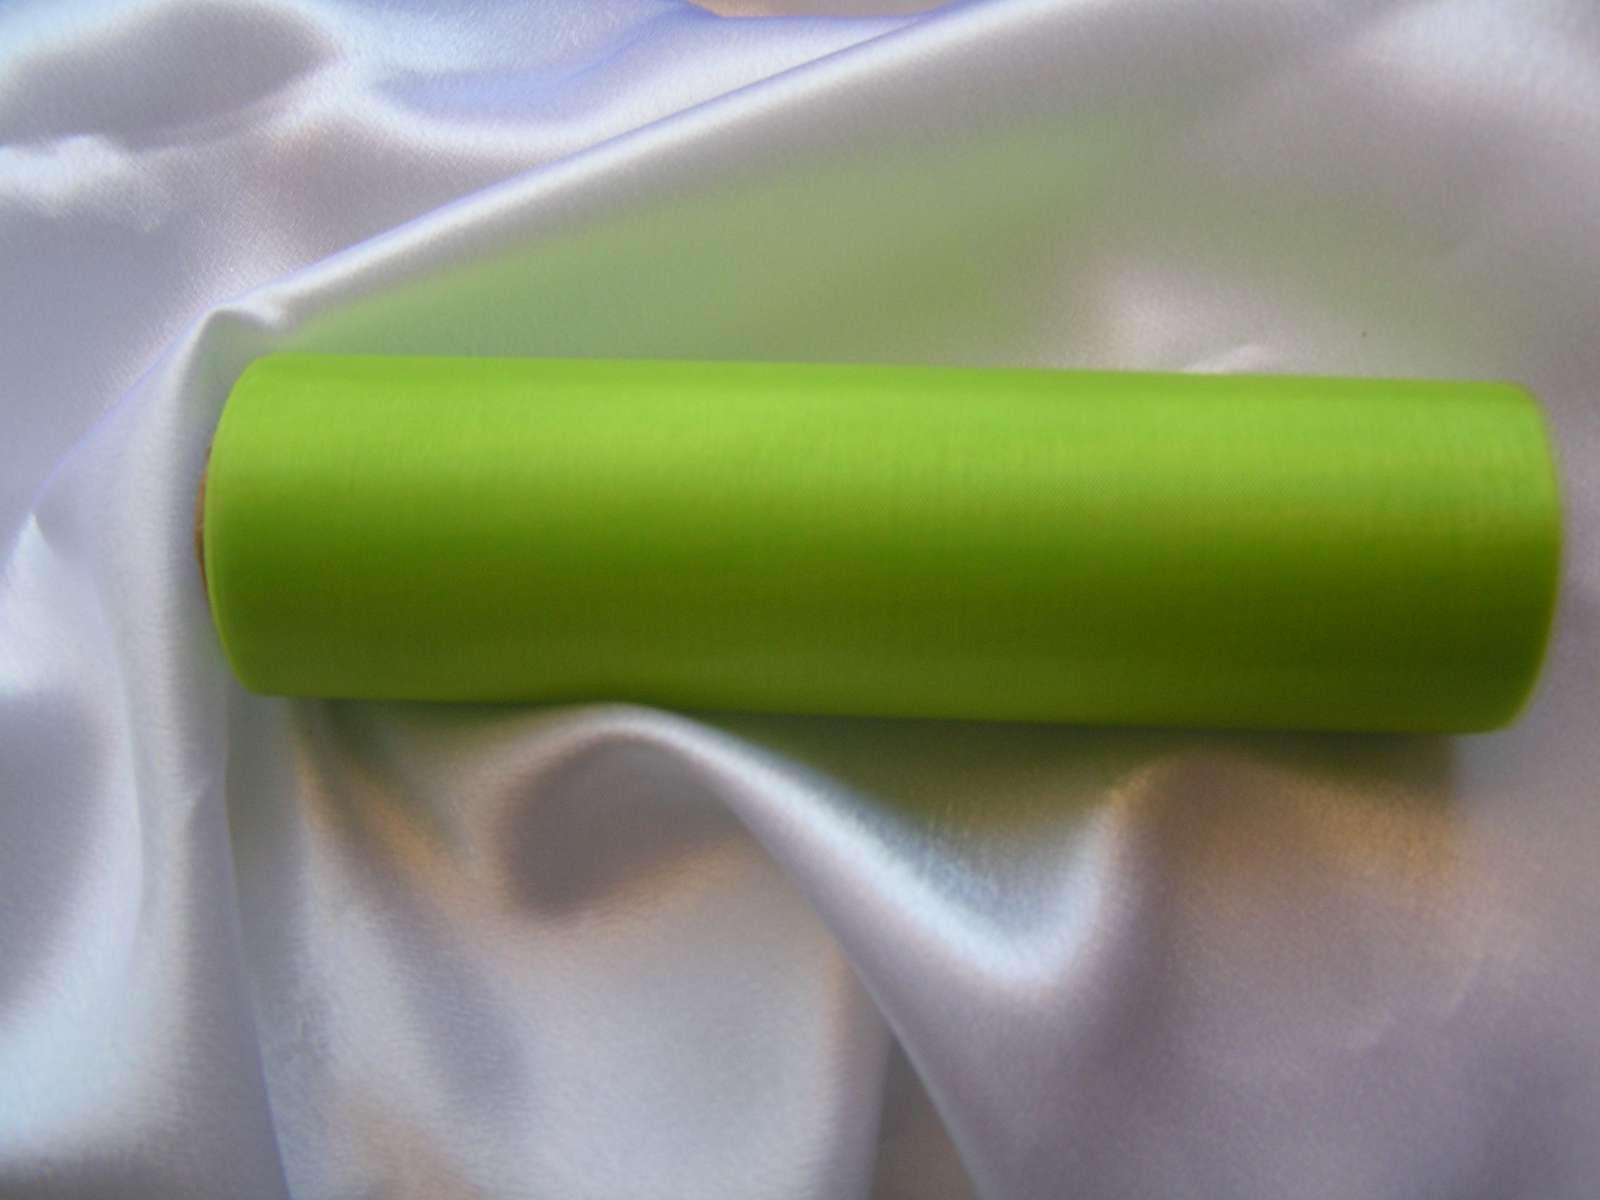 Světle zelená organza 16 cm x 9 m - Obrázek č. 1